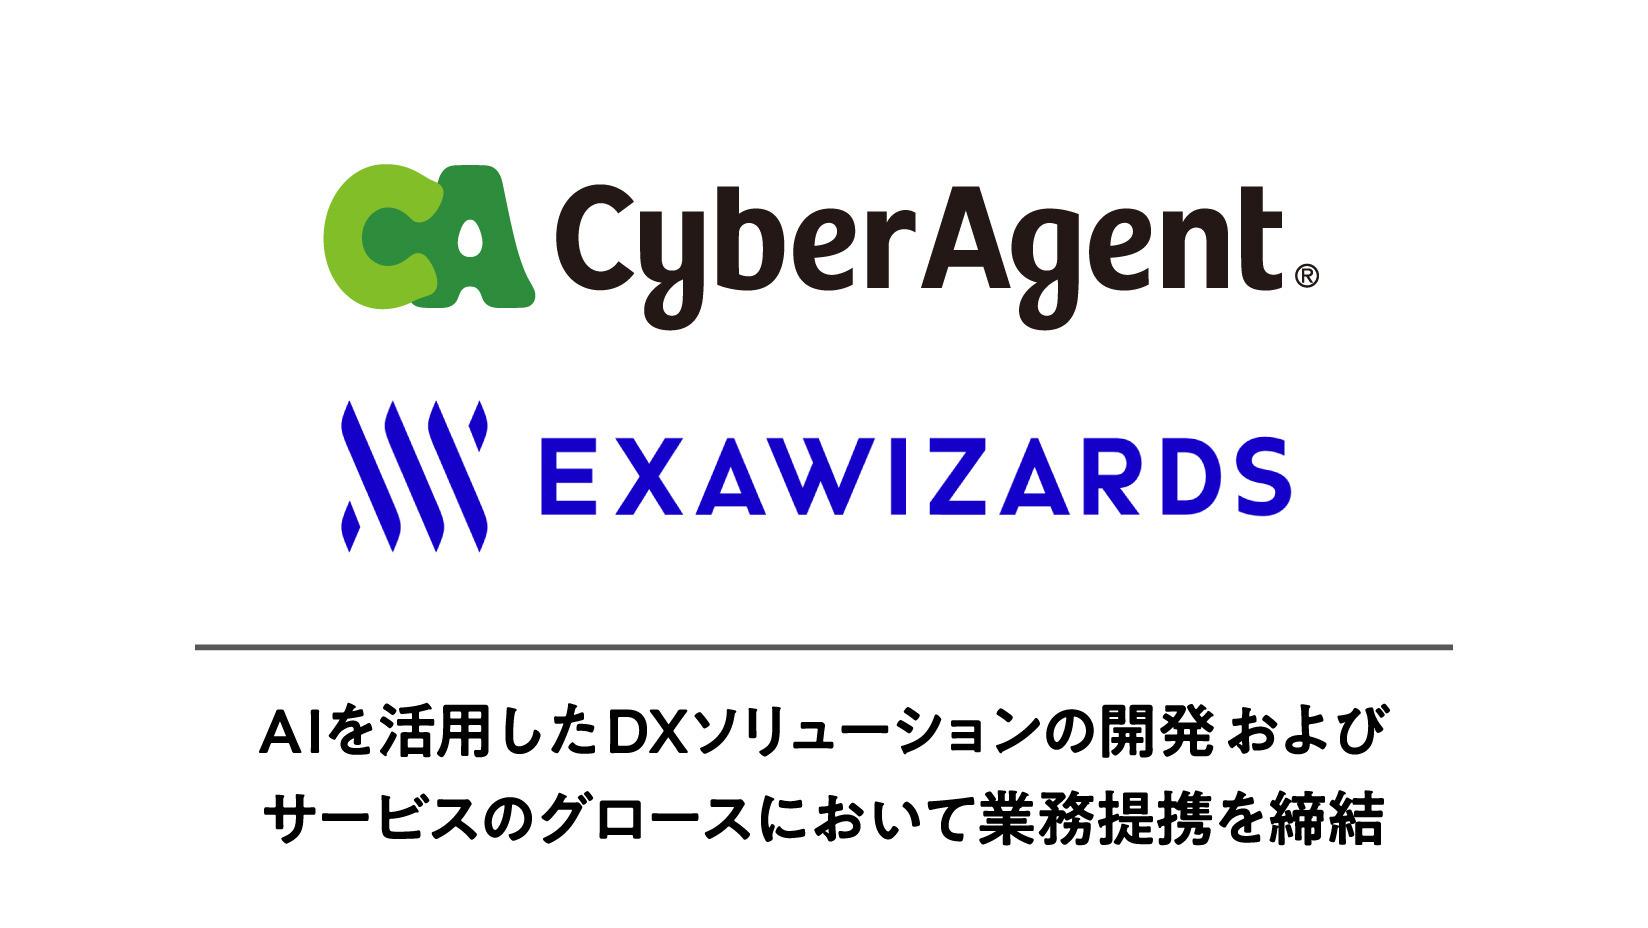 サイバーエージェント、DXソリューションの開発およびサービスのグロースにおいてエクサウィザーズと提携